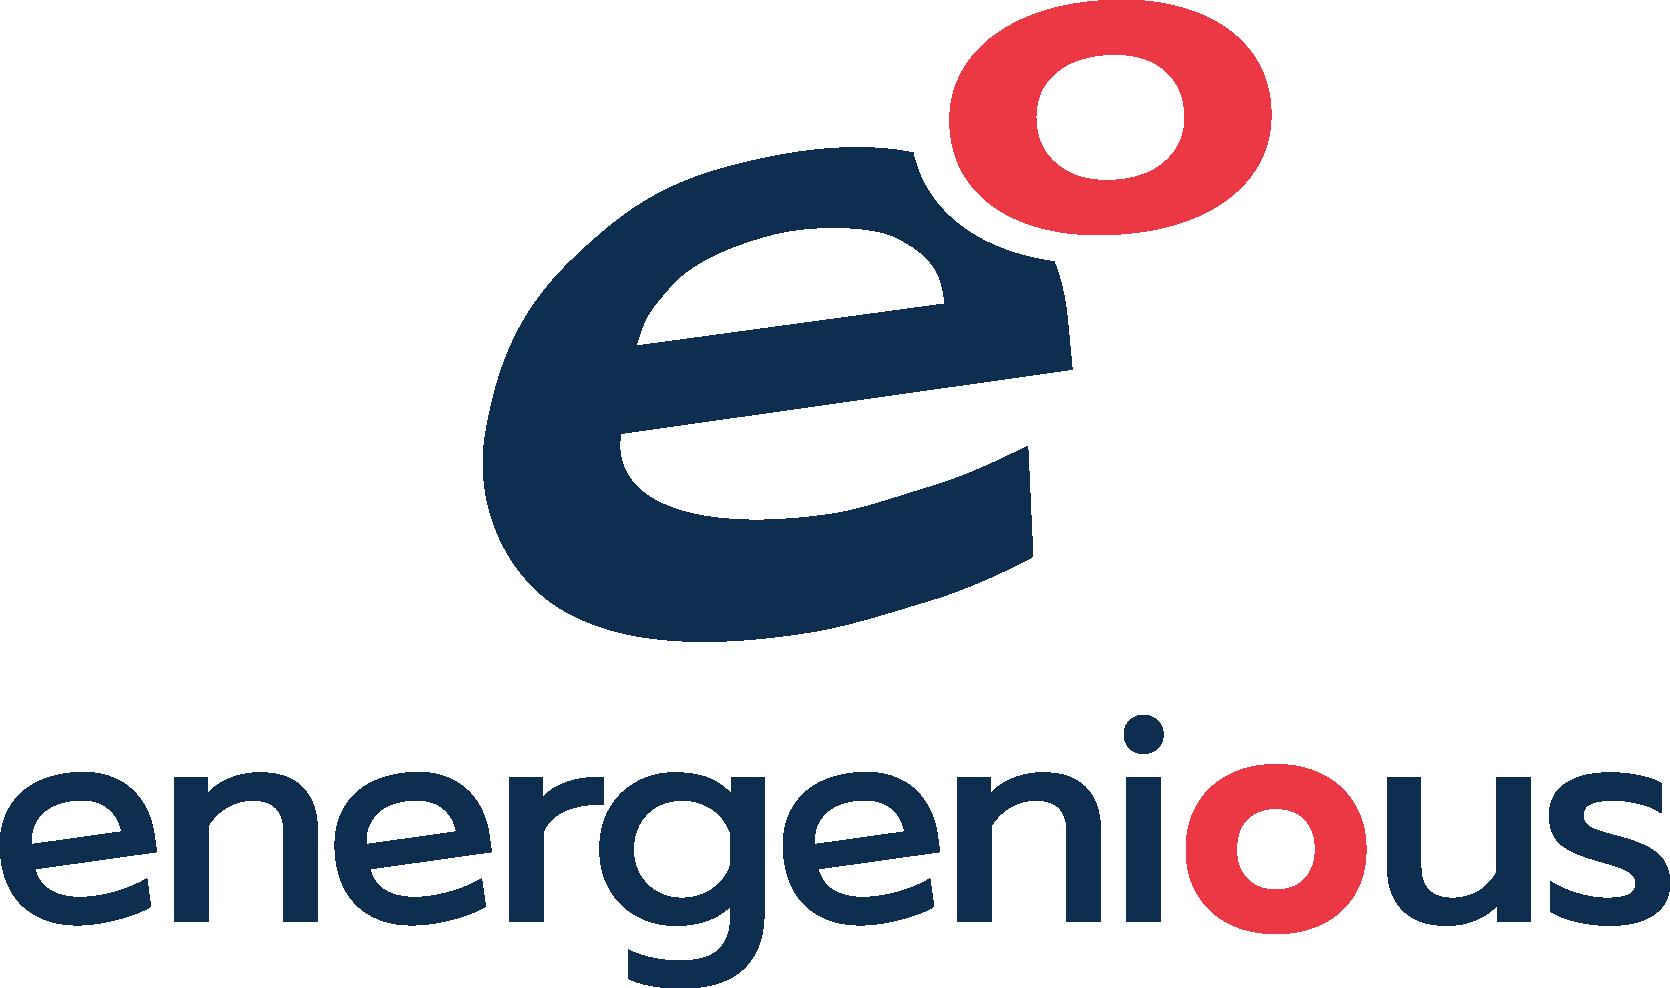 energenious blog